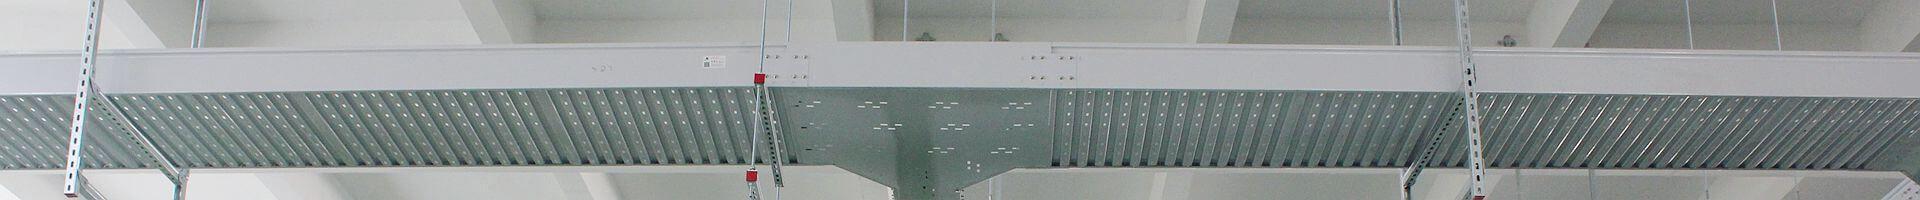 banner-case1